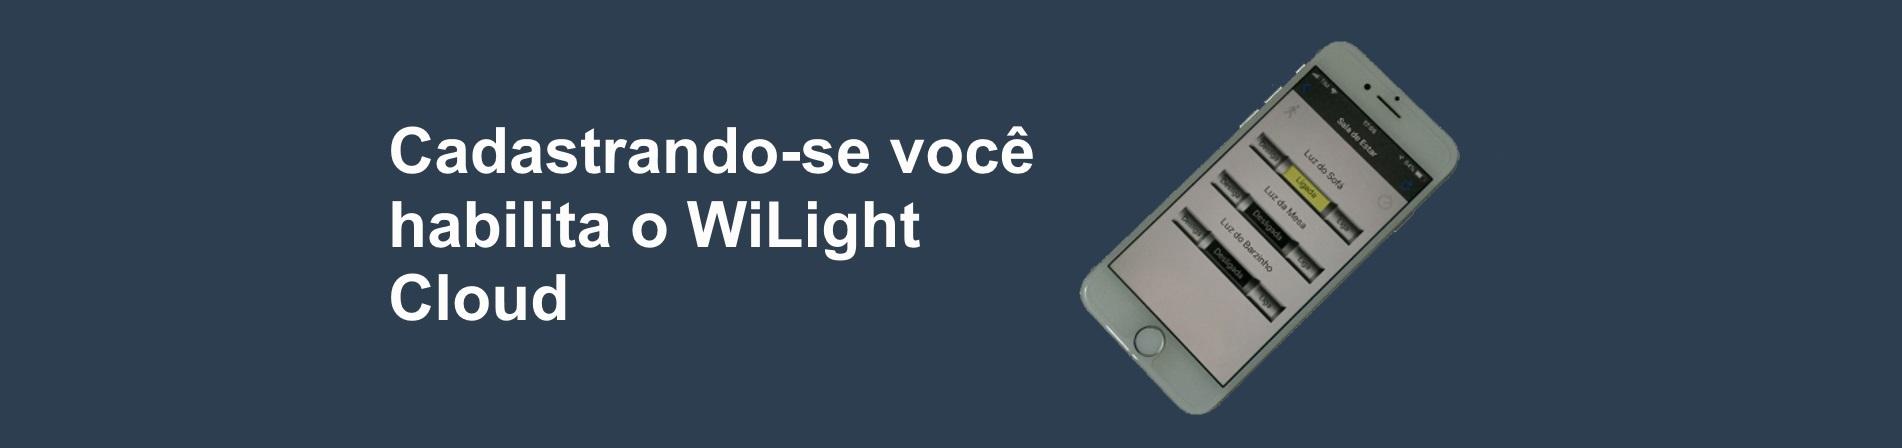 Cadastrando-se voce habilita o WiLight Cloud